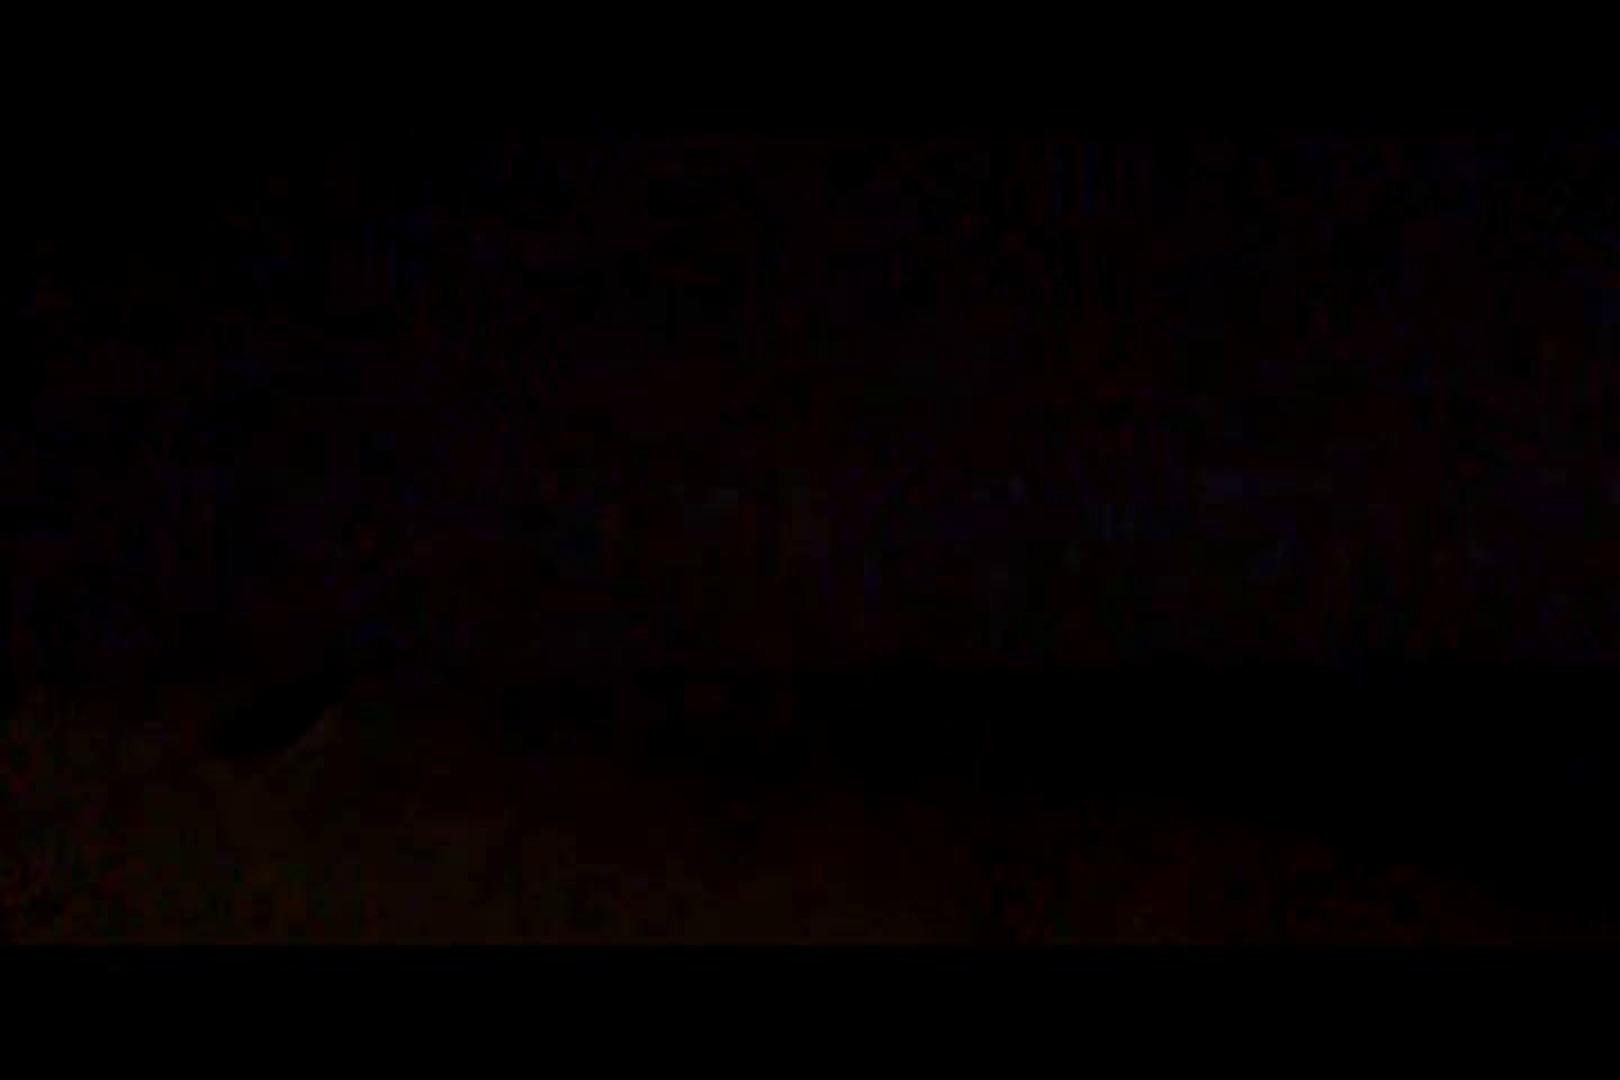 ぼっとん洗面所スペシャルVol.16 おまんこ おまんこ動画流出 103画像 51